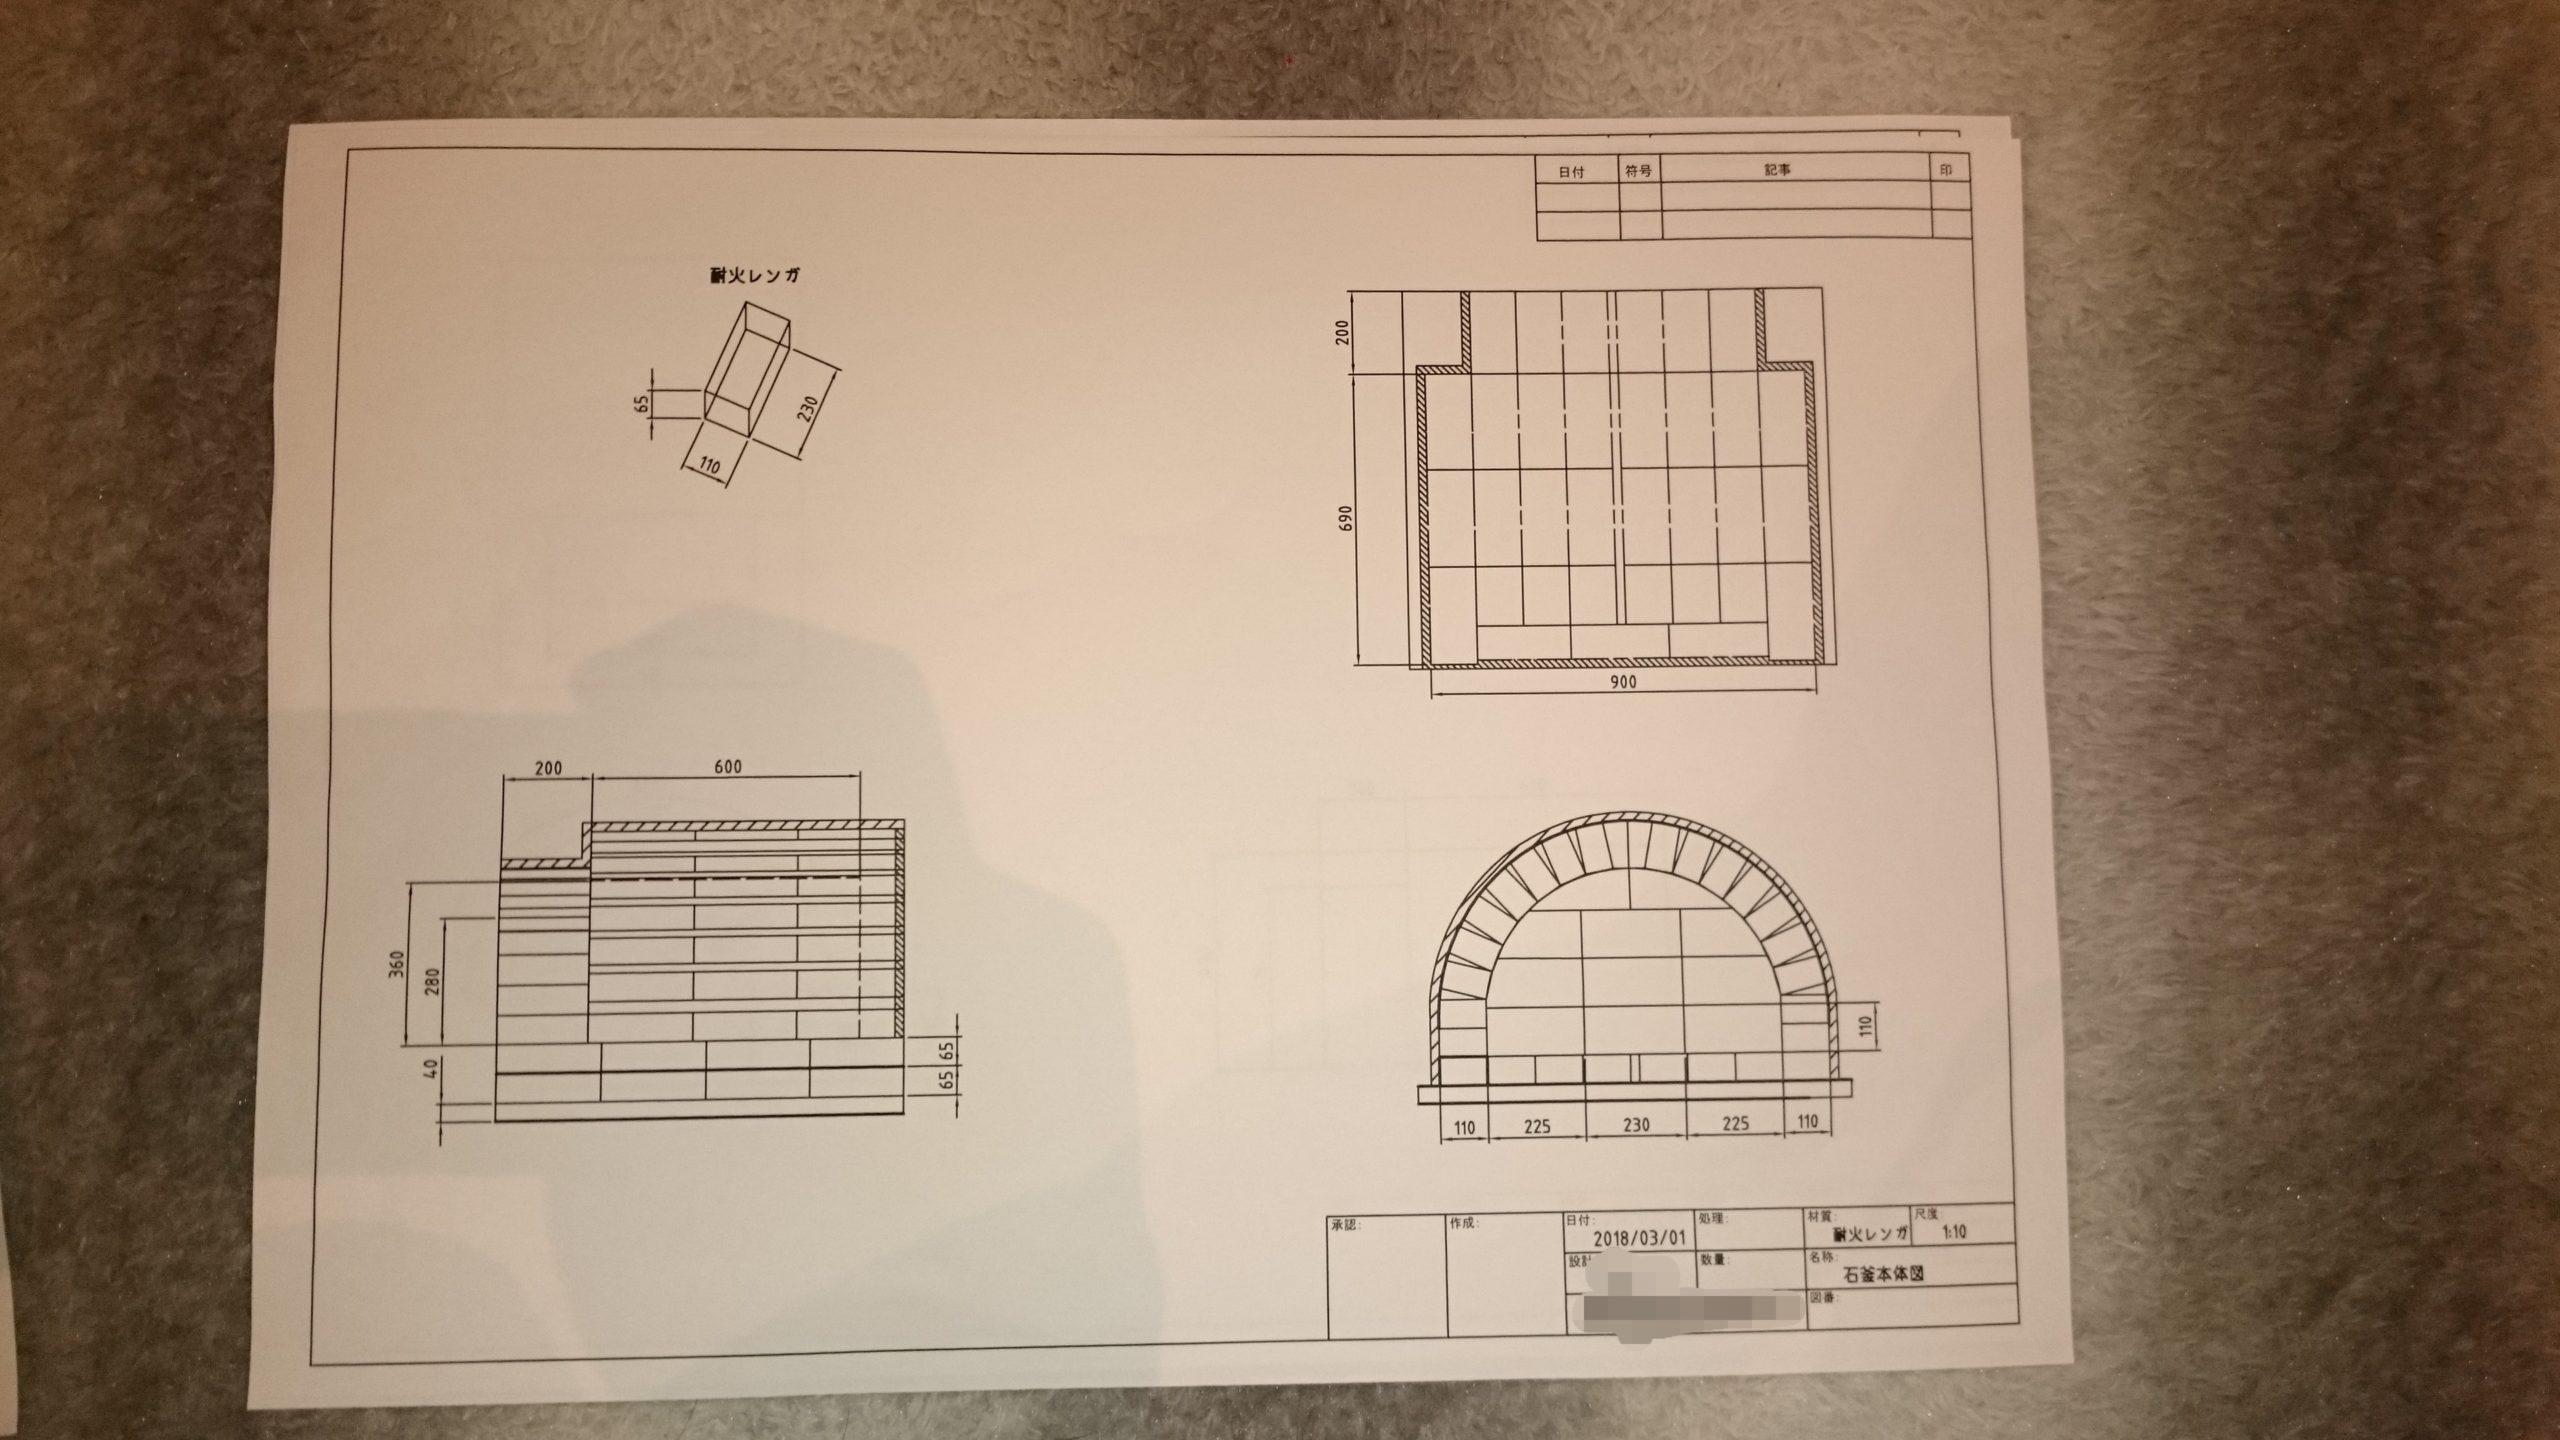 ピザ窯の設計図